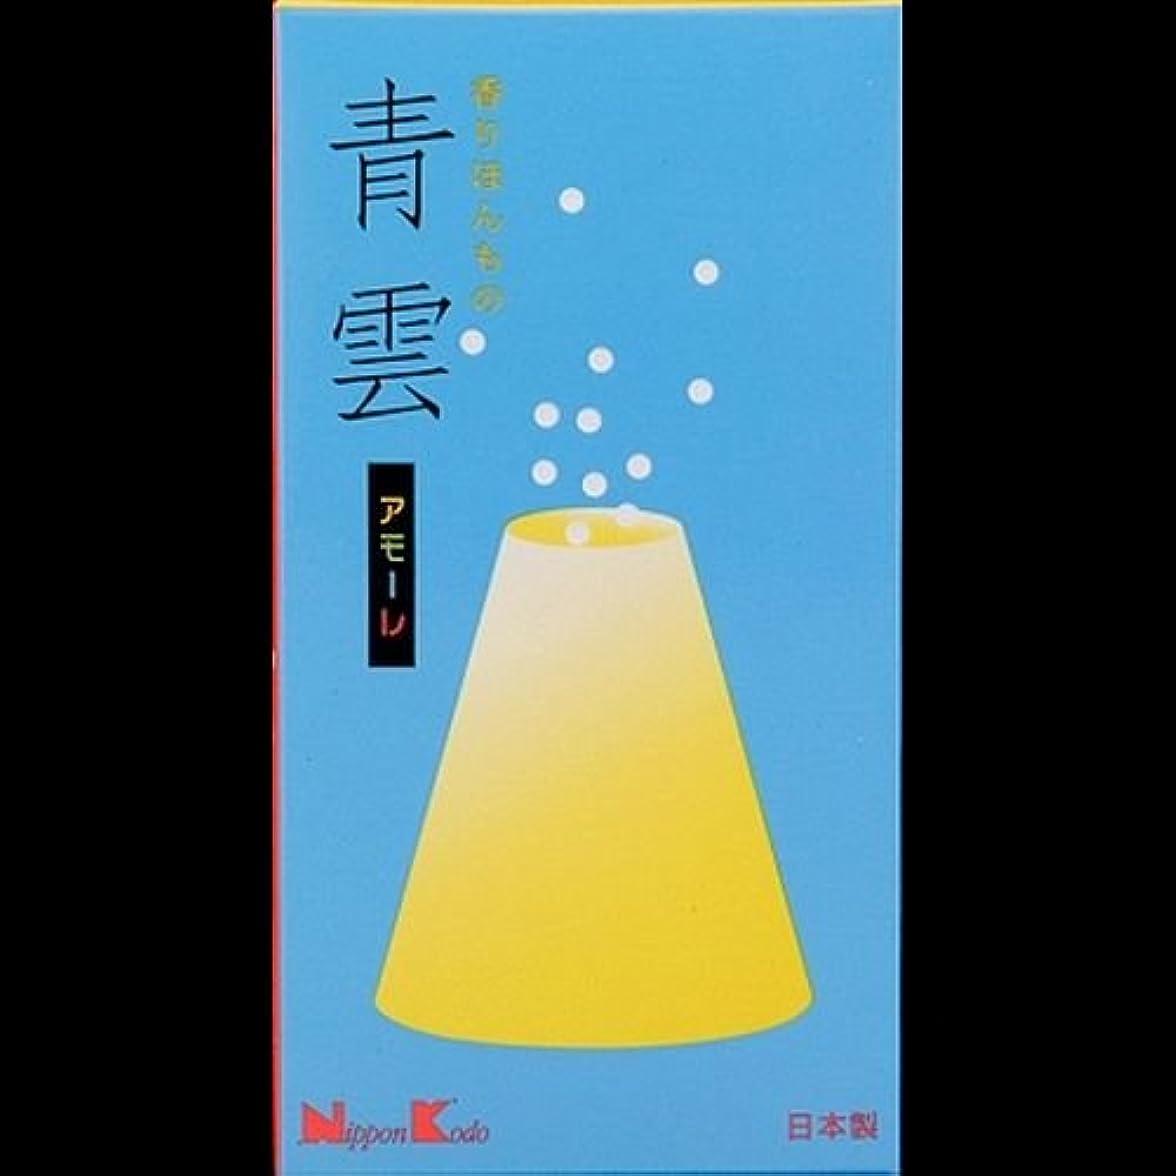 【まとめ買い】青雲 アモーレ バラ詰 140g ×2セット